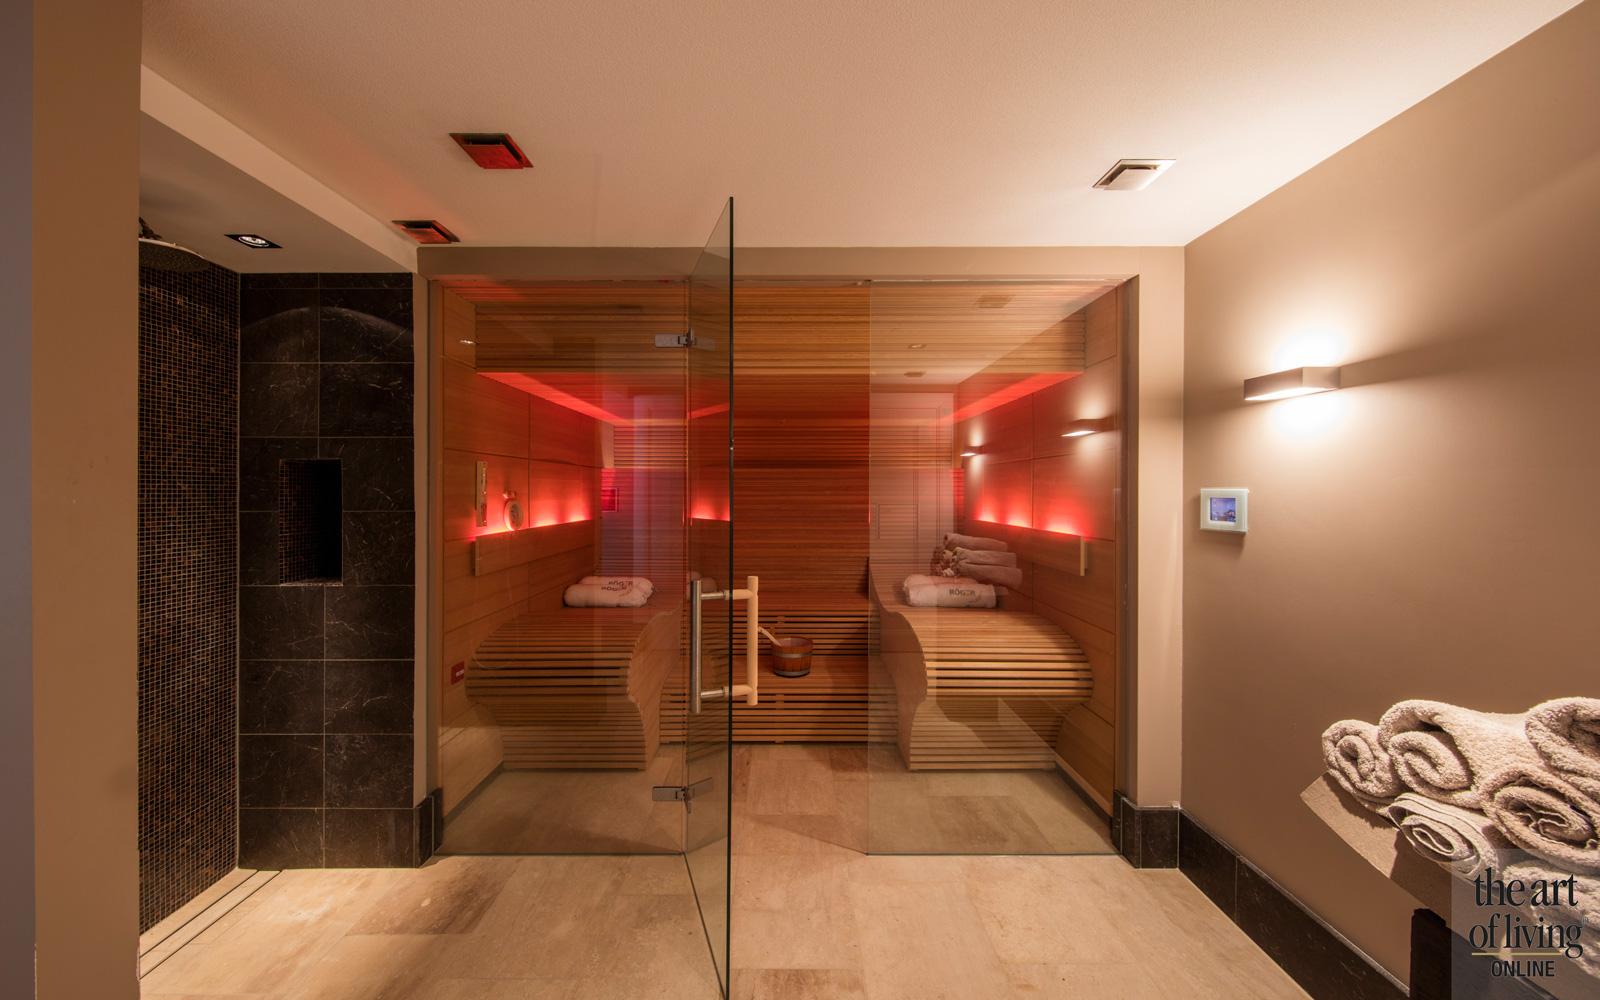 Heerlijk ontspannen in de sauna in de wellnessruimte